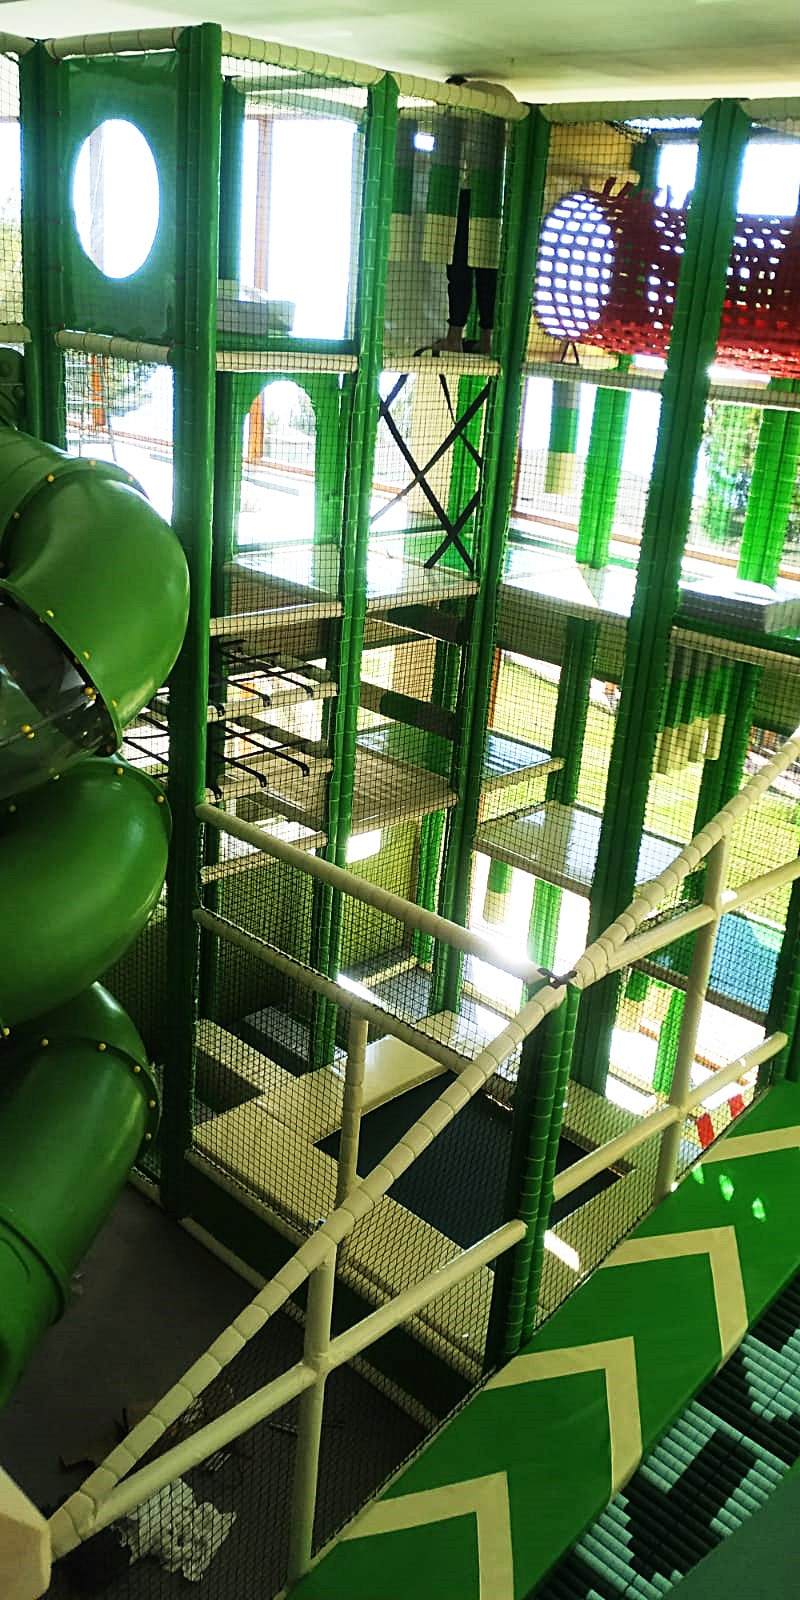 Alanya Utopia World Otel Top havuzu | Trambolin İmalatı